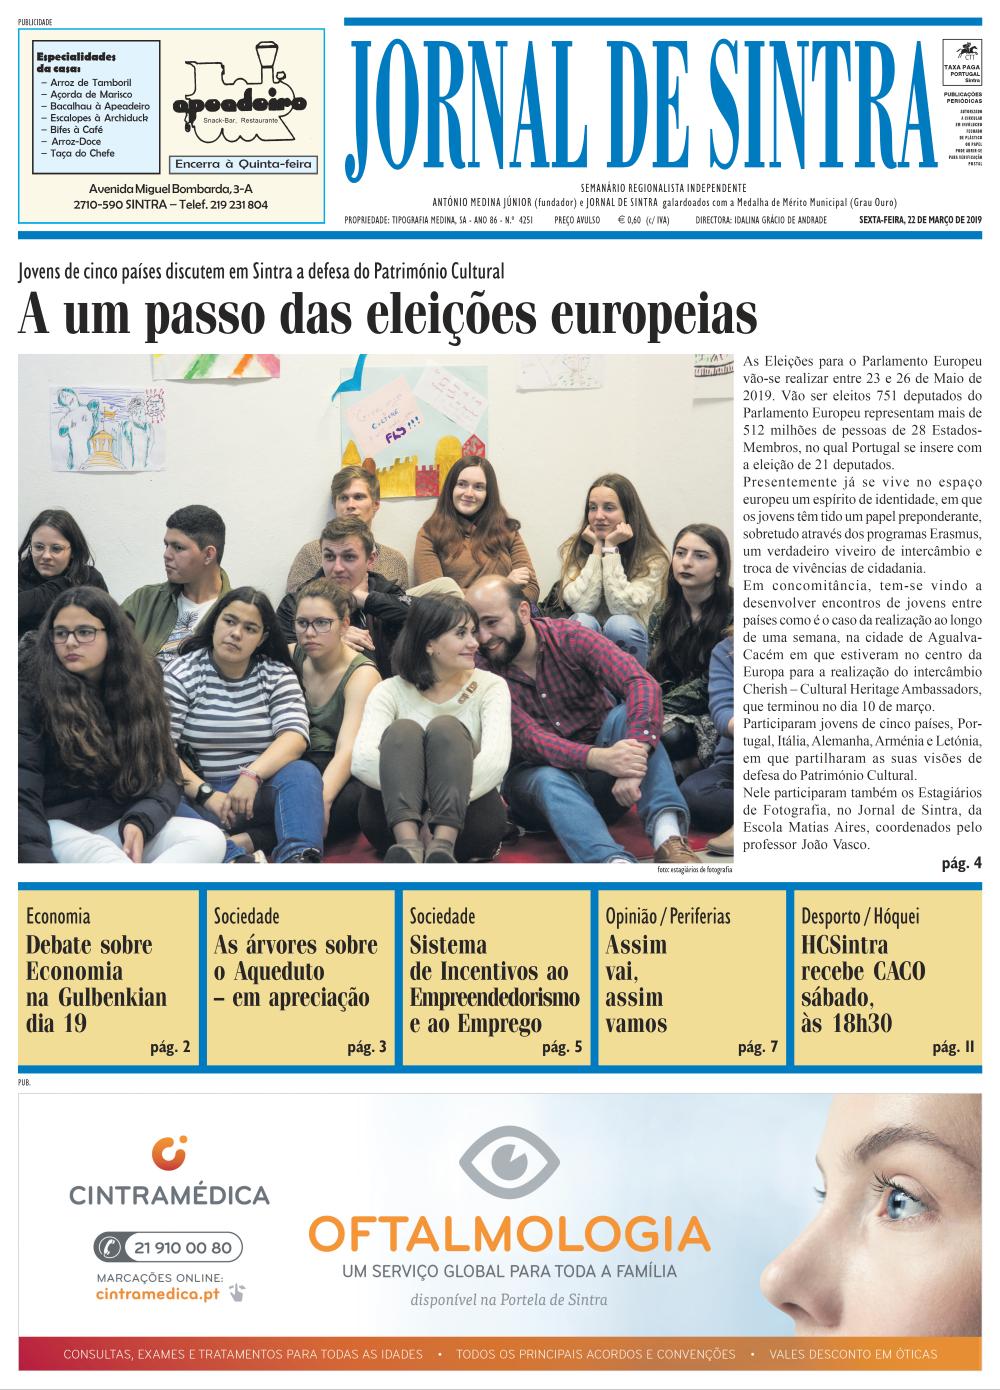 Capa da edição de 22/03/2019